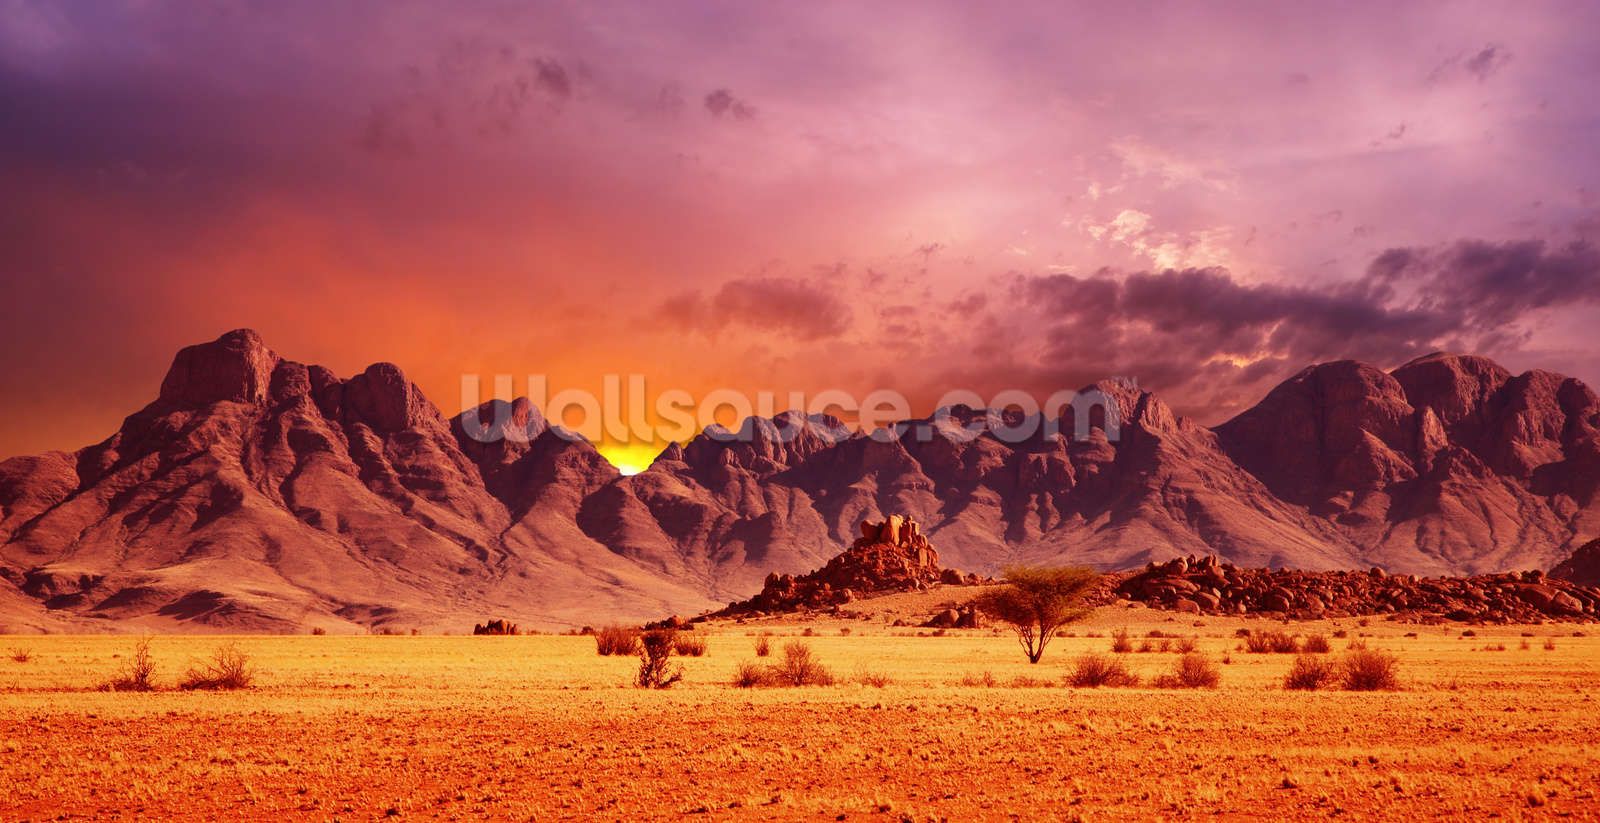 Namib Desert Sunset Wallpaper Mural